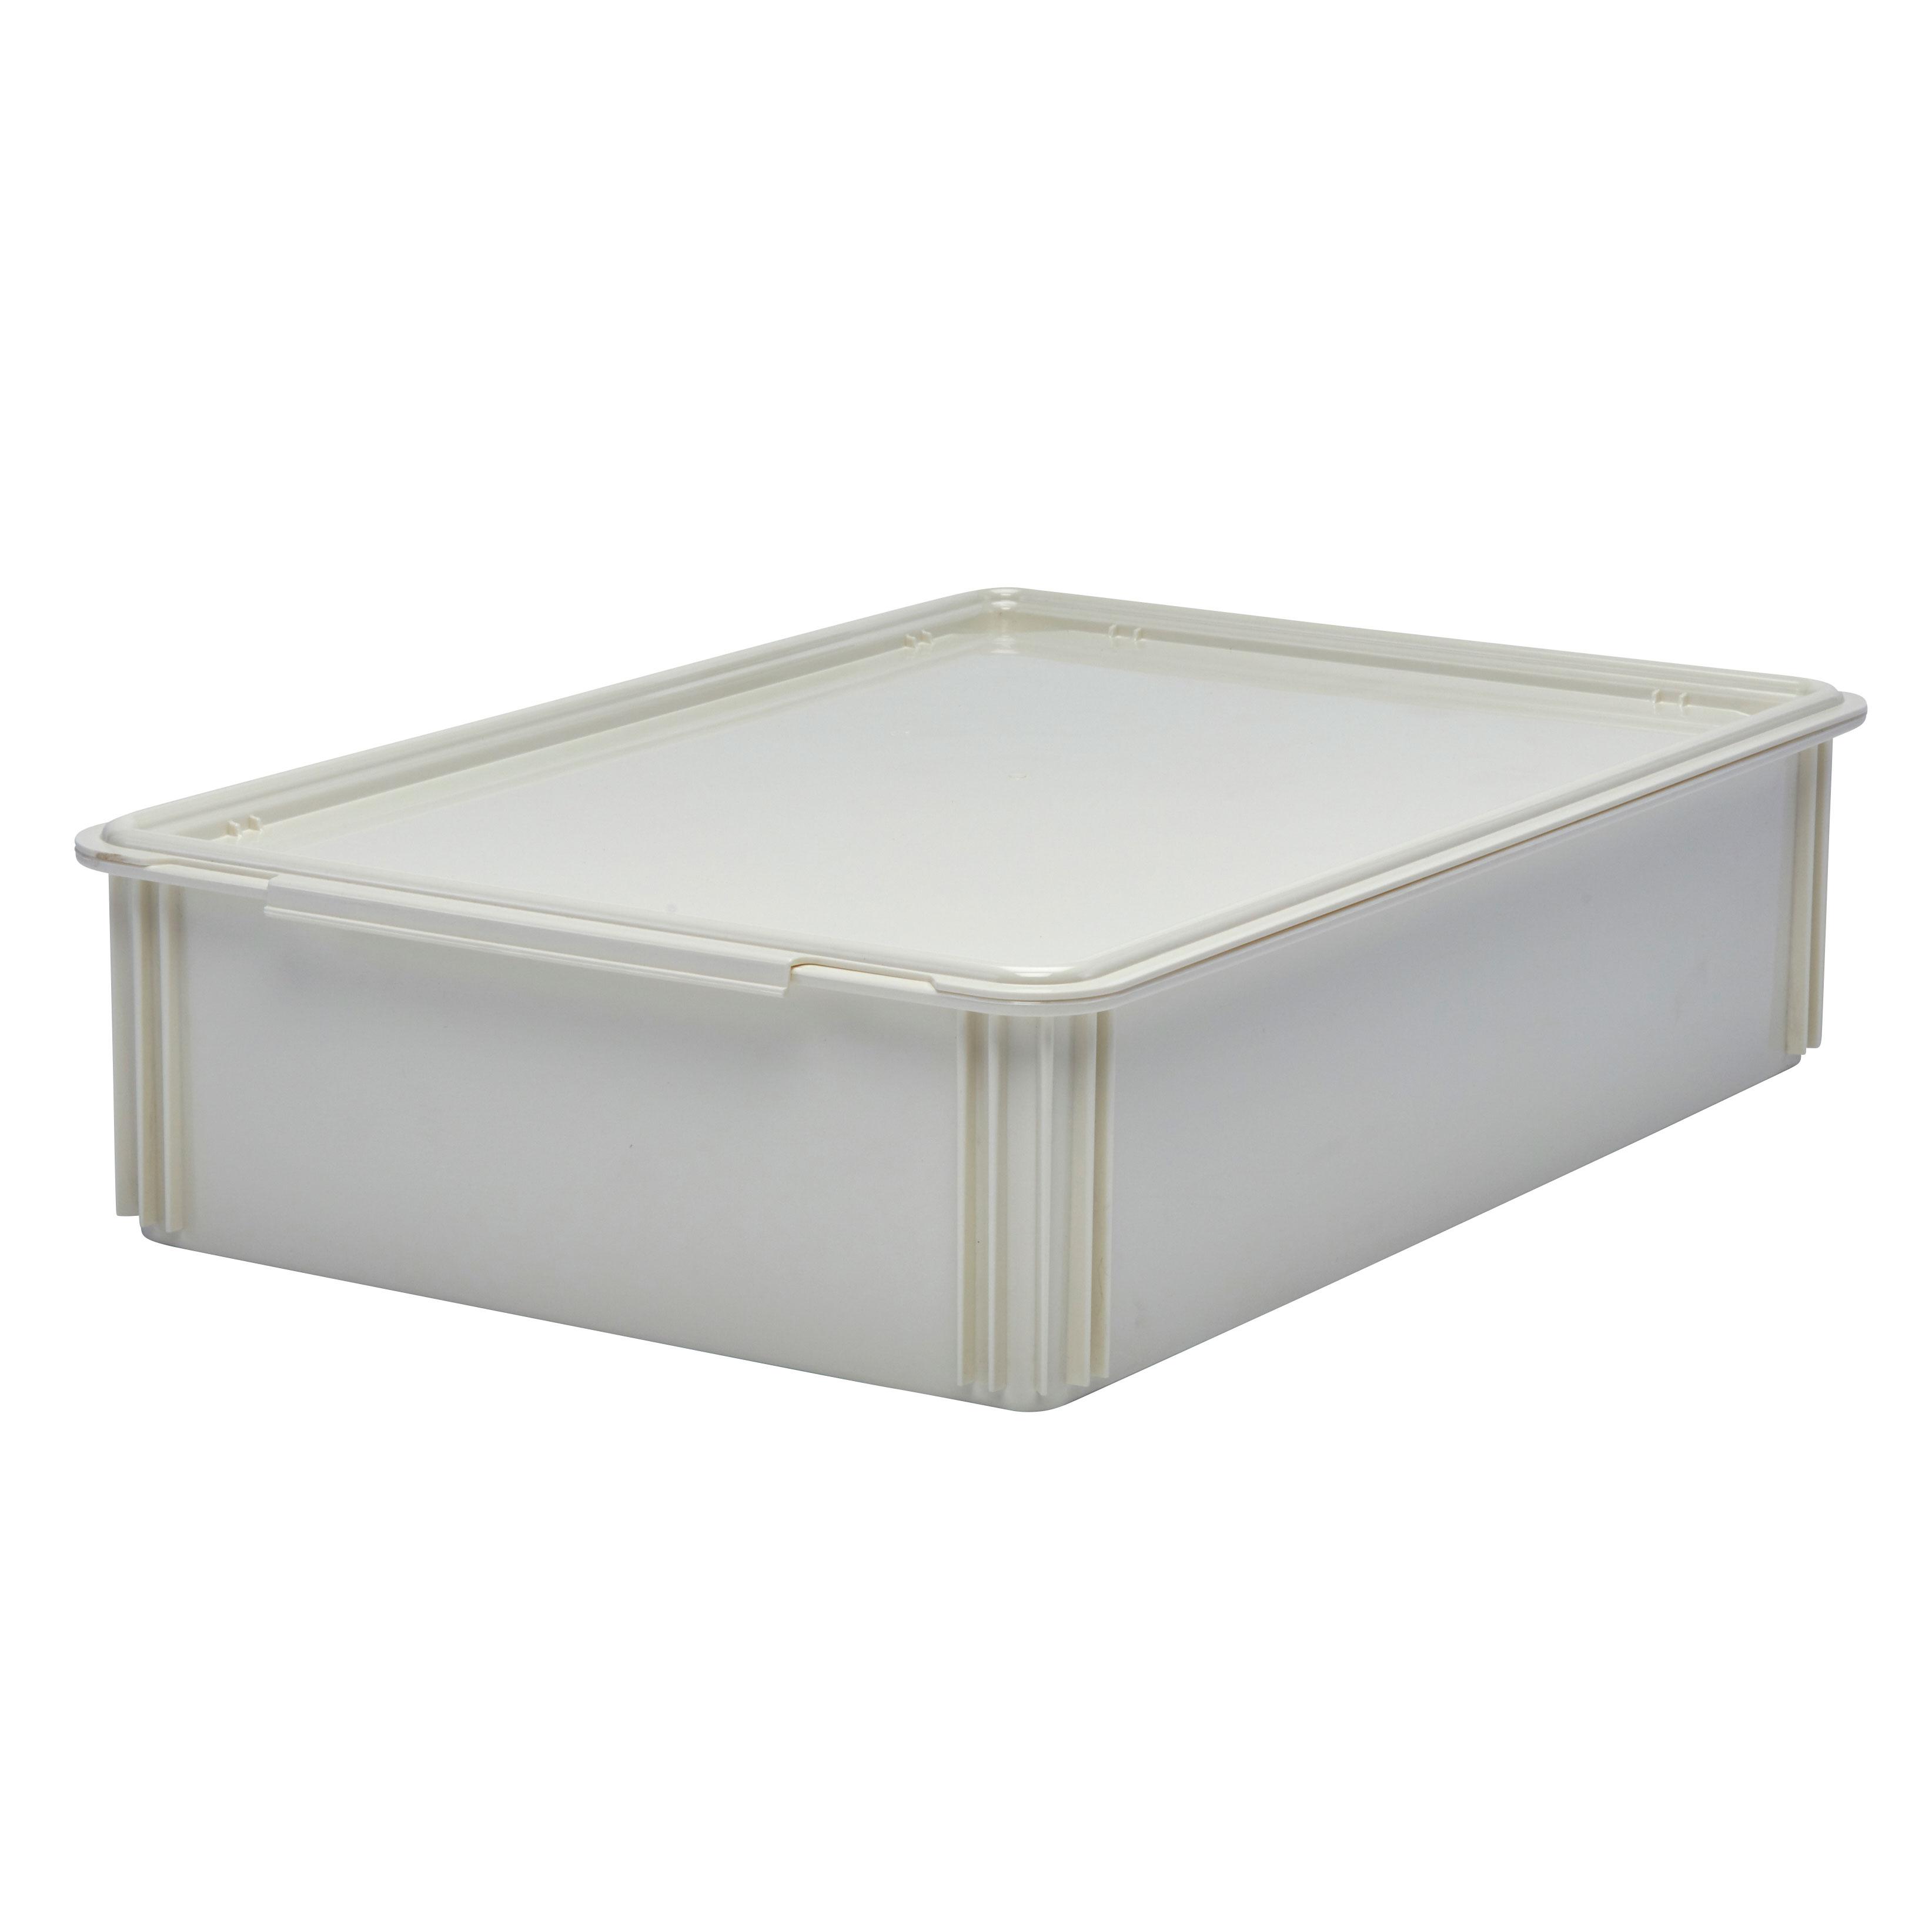 Cambro DB18266CW148 dough proofing retarding pans / boxes